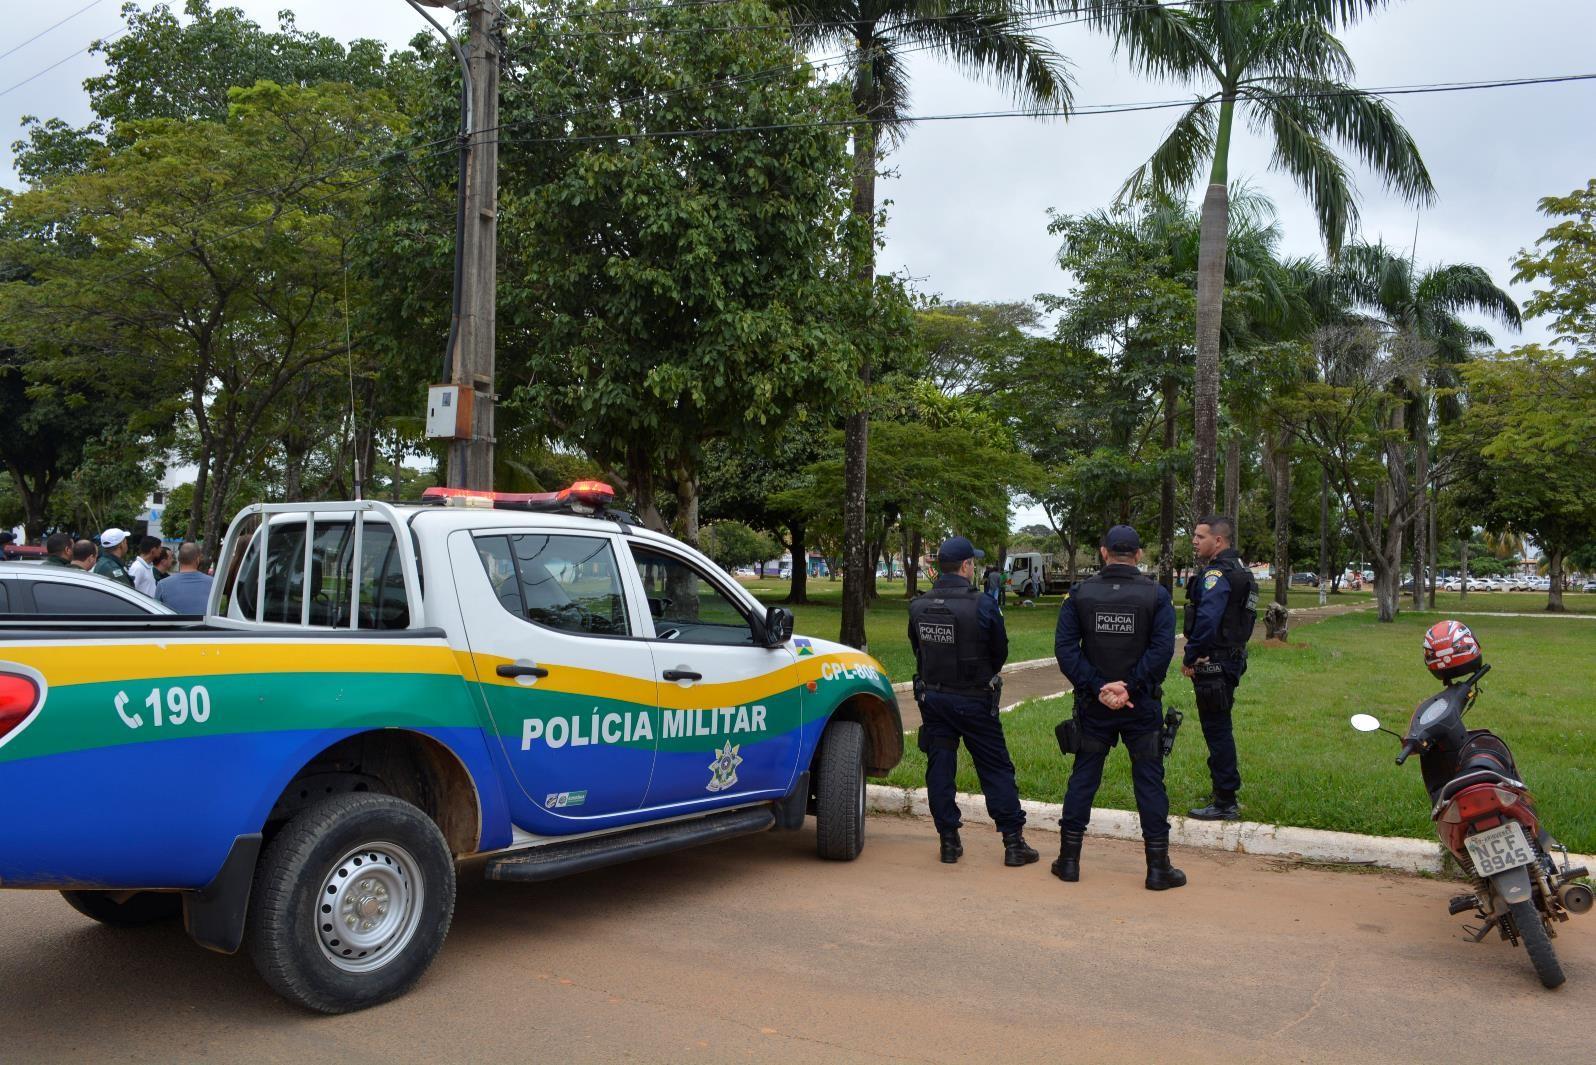 Homem é detido por suspeita de fazer ameaça com simulacro de arma de fogo